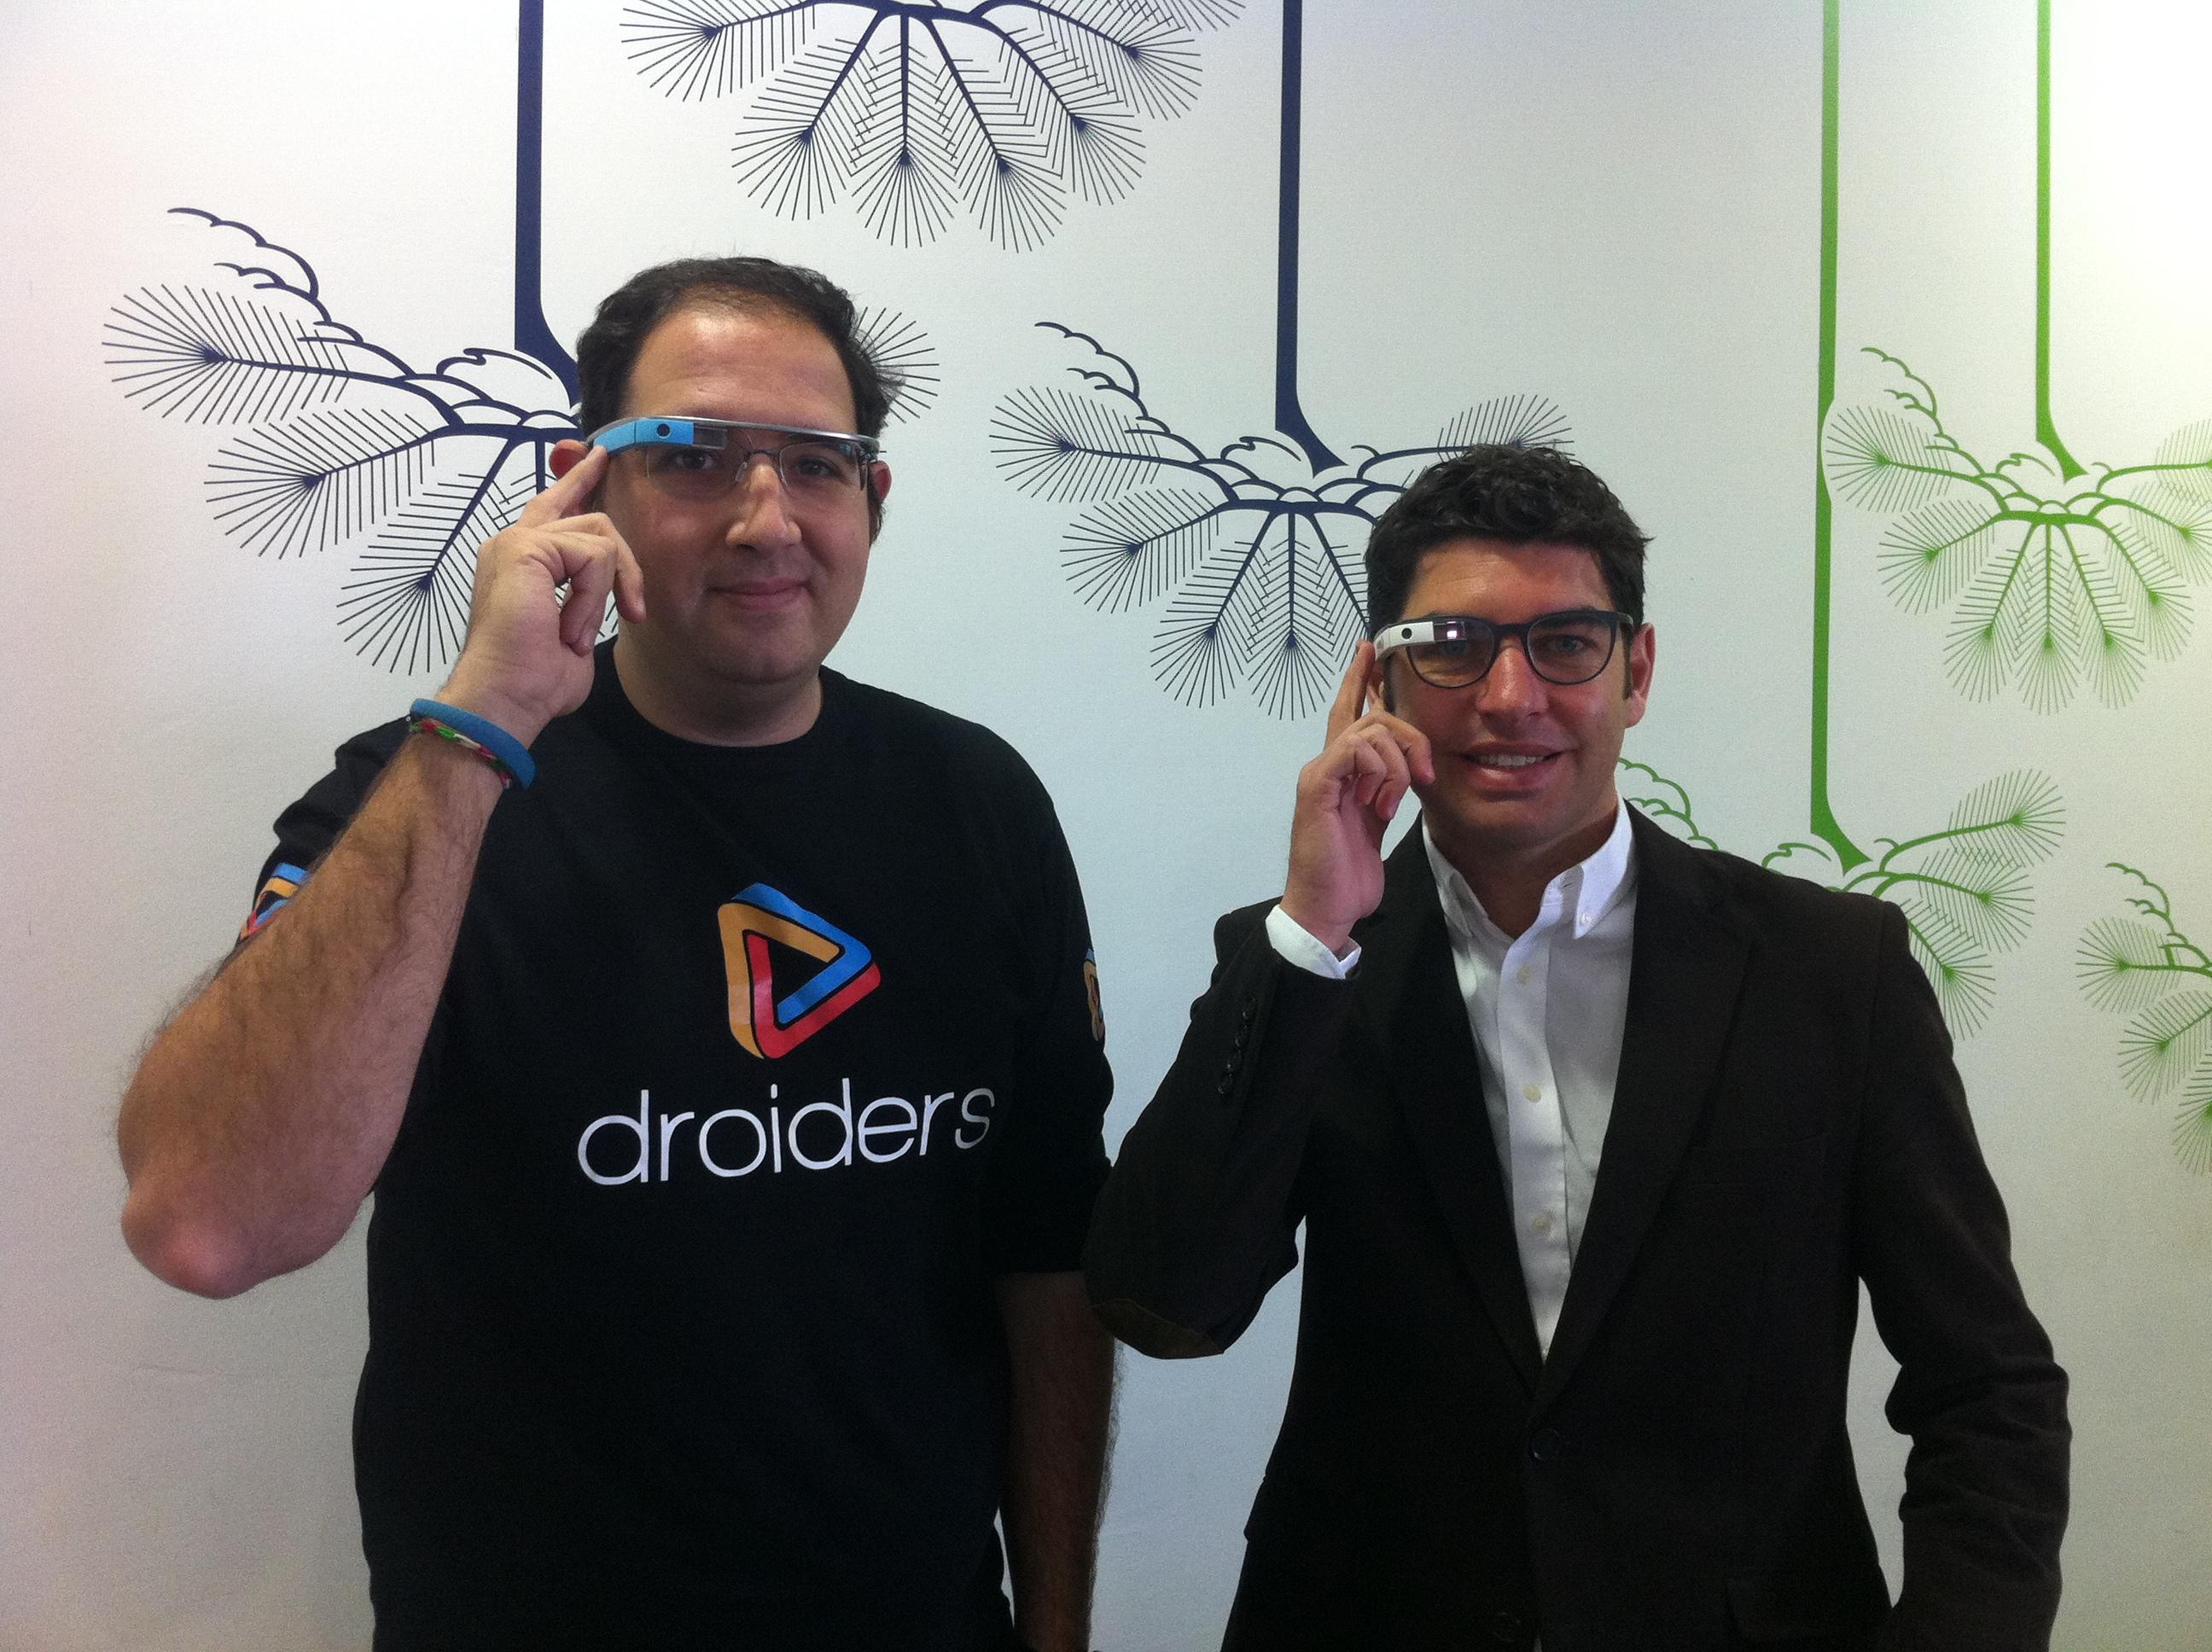 Gala Encuentros Now contará con las Google Glass de Droiders